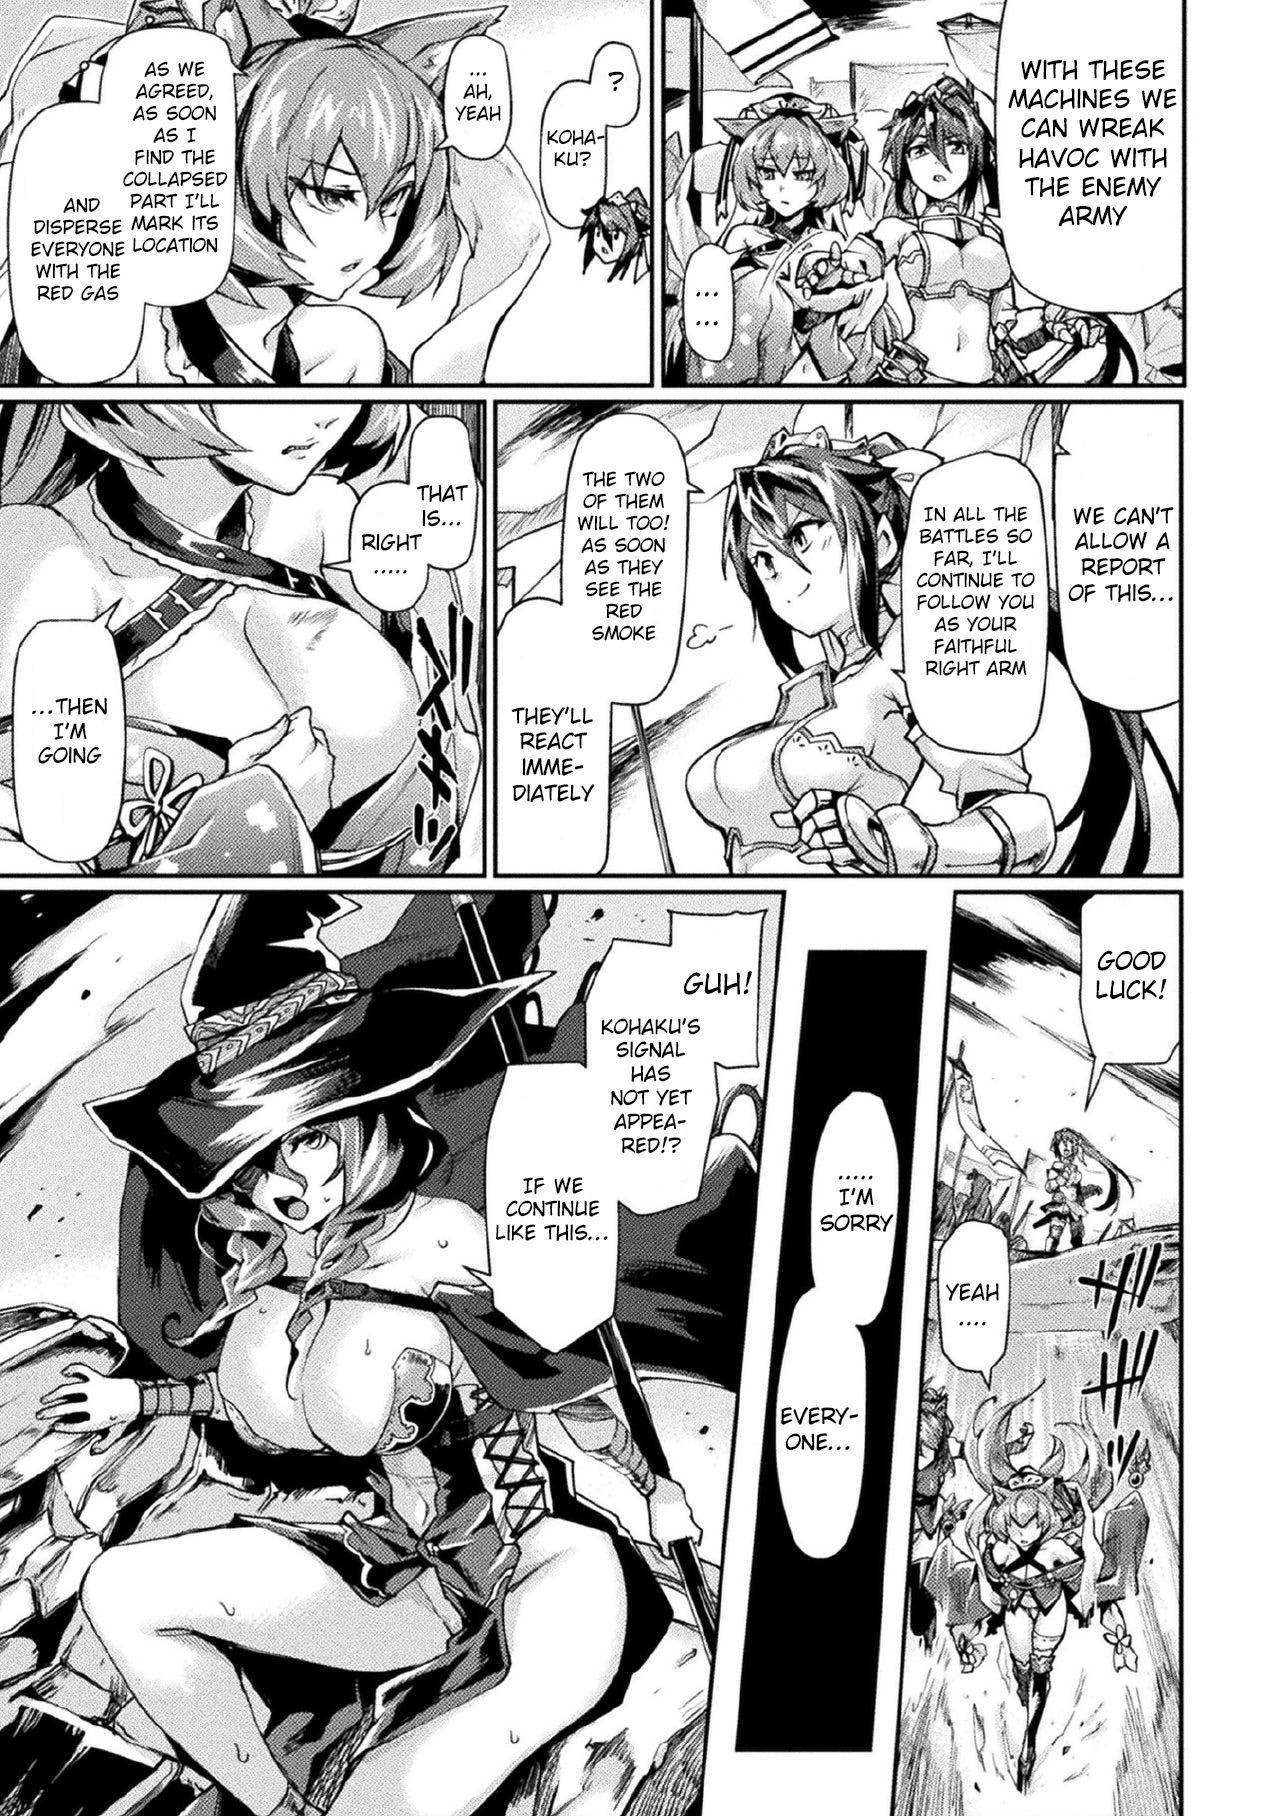 [Tsukitokage] Kuroinu II ~Inyoku ni Somaru Haitoku no Miyako, Futatabi~ THE COMIC Chapter 3 (Kukkoro Heroines Vol. 1) [English] {Hennojin+Raknnkarscans} [Decensored] [Digital] 2